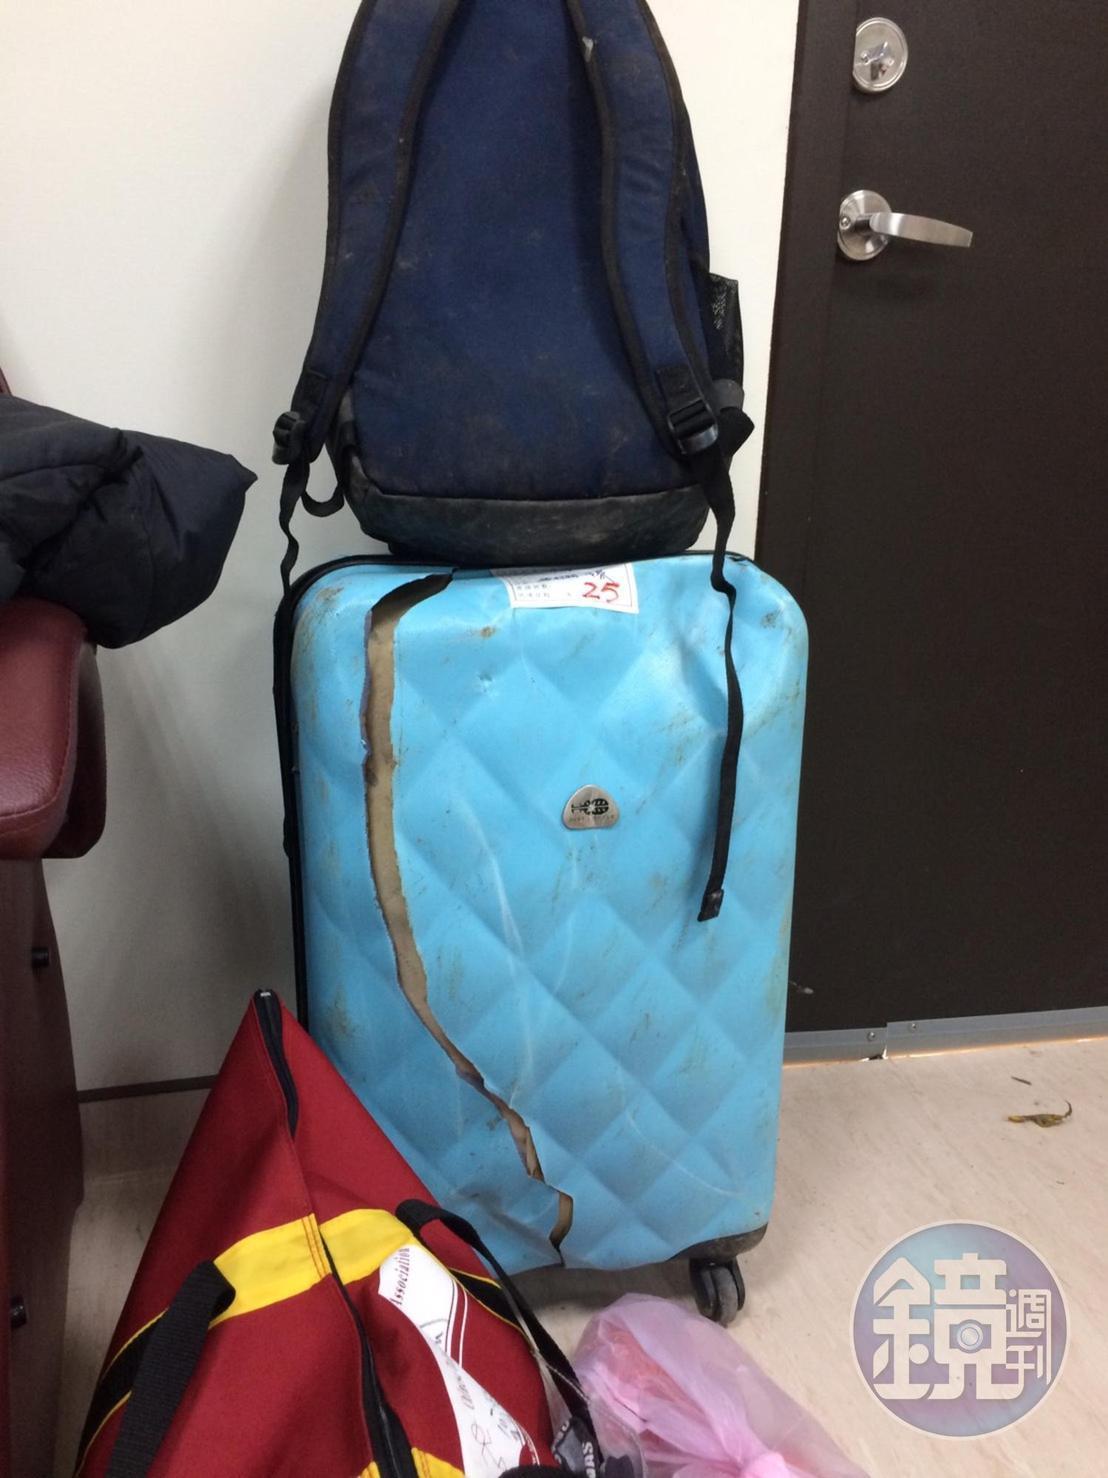 罹難學生曾答應要親手送母親禮物,如今僅剩冰冷大體和破碎行李箱。